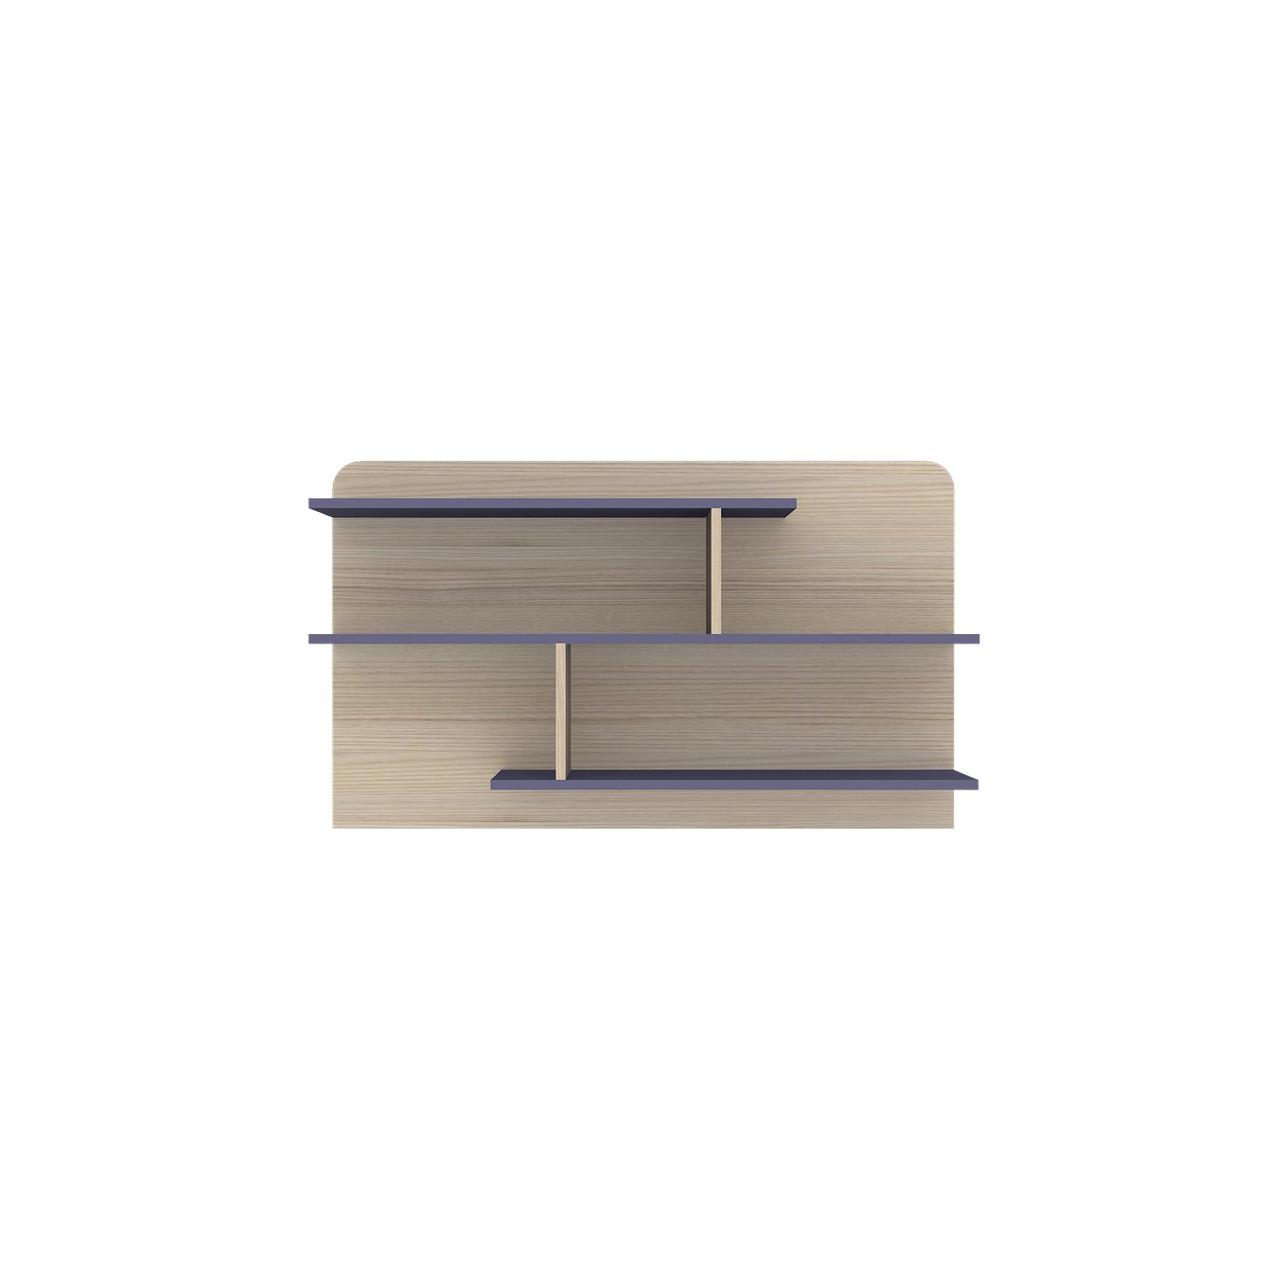 Полиця навісна з ДСП навісна JASMINE H Blonski коімбра+фіолет синій